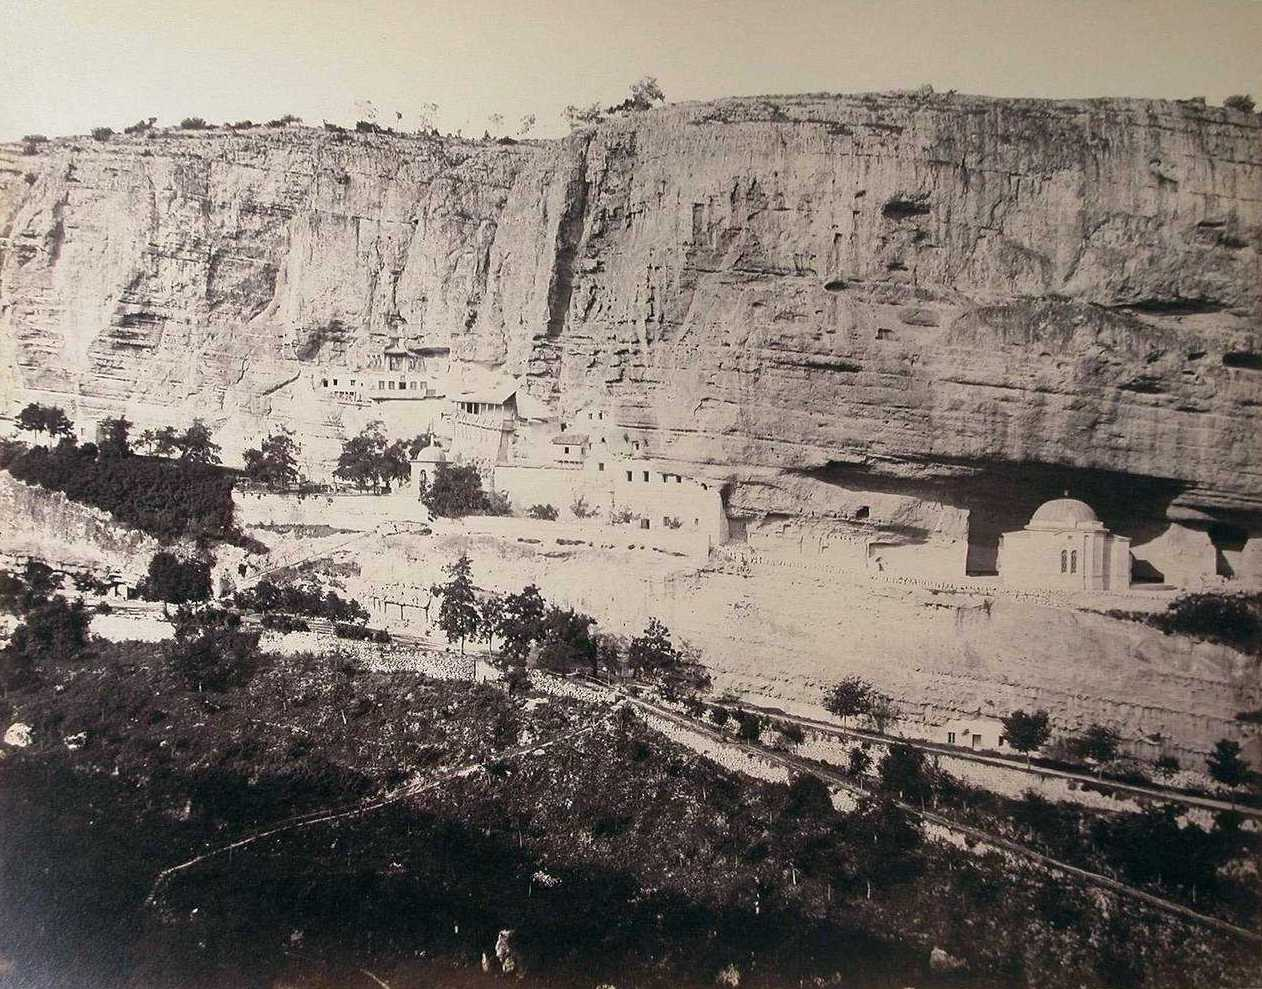 Права частина панорами Успенського скиту біля Бахчисарая. З альбому користувача Humus у «Живому журналі».